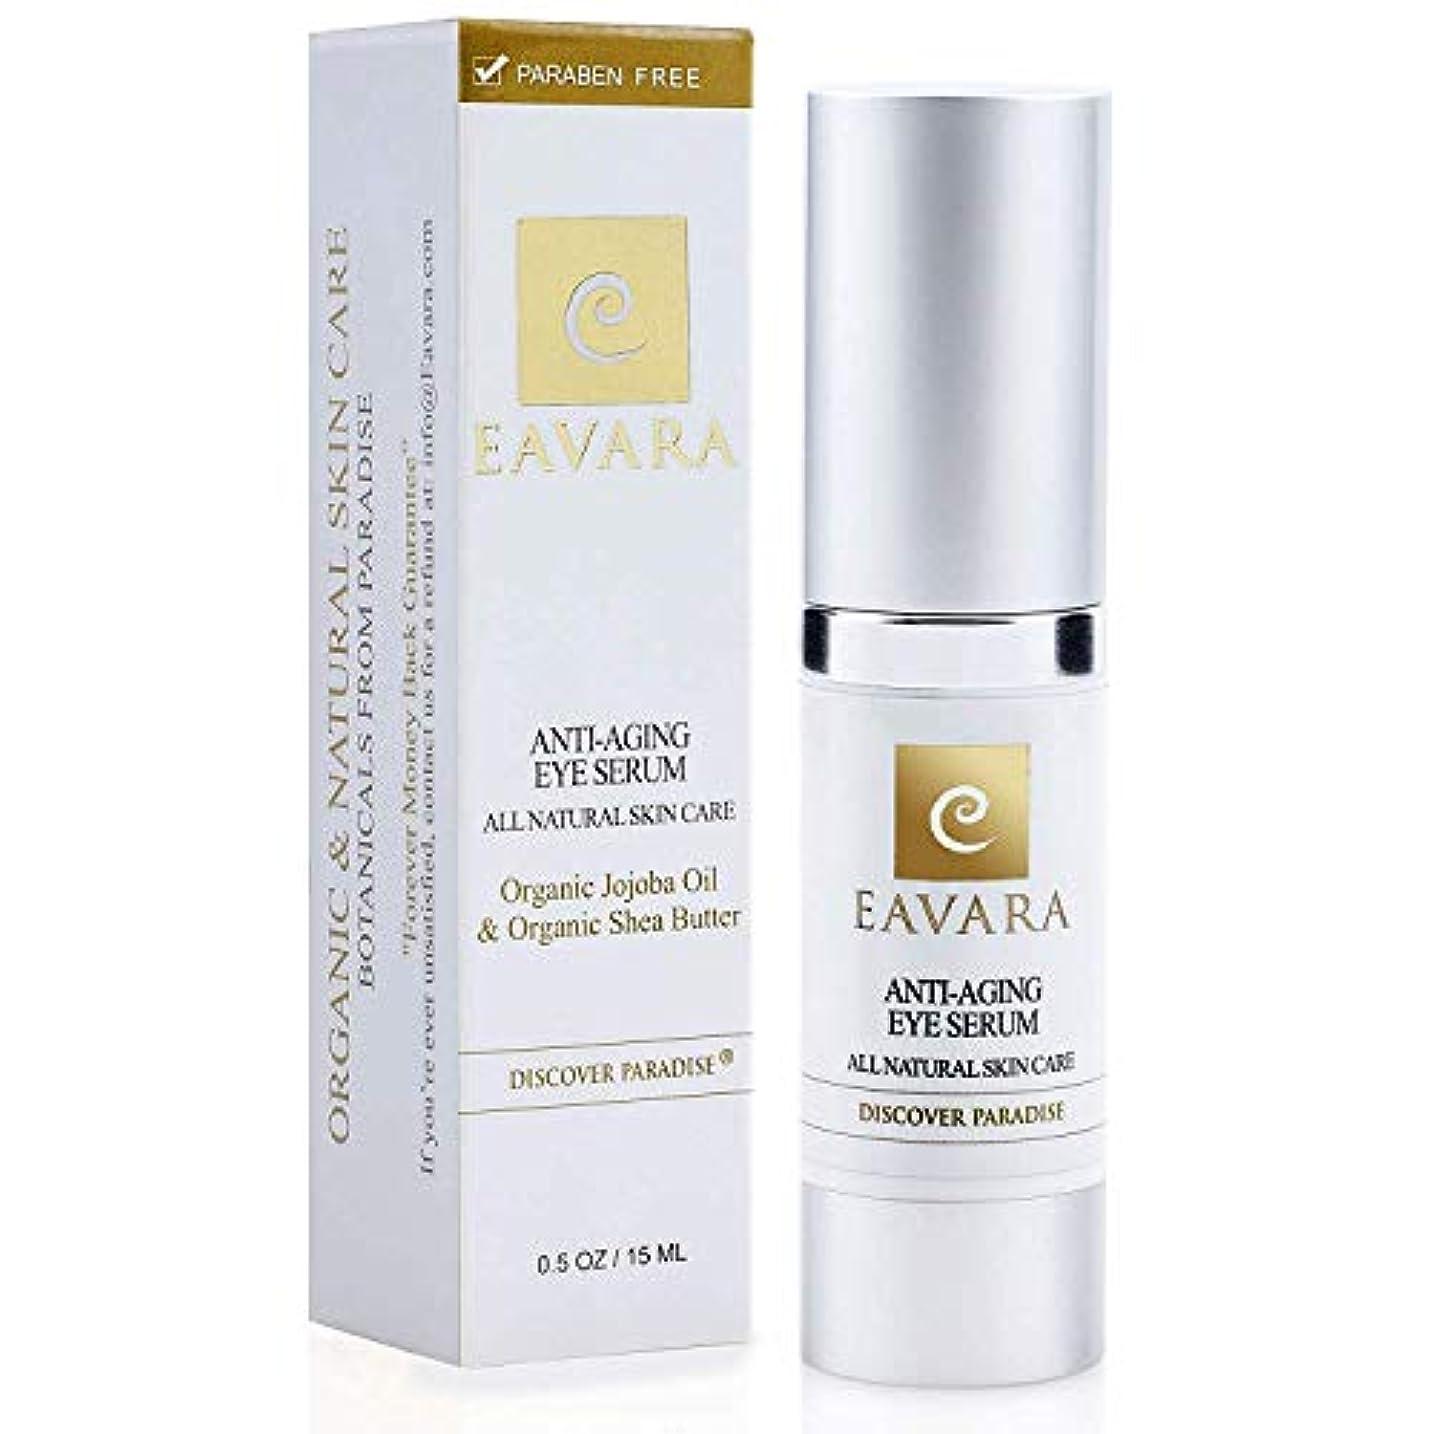 リサイクルするブルーベルリスト[Eavara] [アンチエイジングアイ血清 Organic Anti Aging Eye Serum - Award Winning Under Eye Cream for Dark Circles and Puffiness...